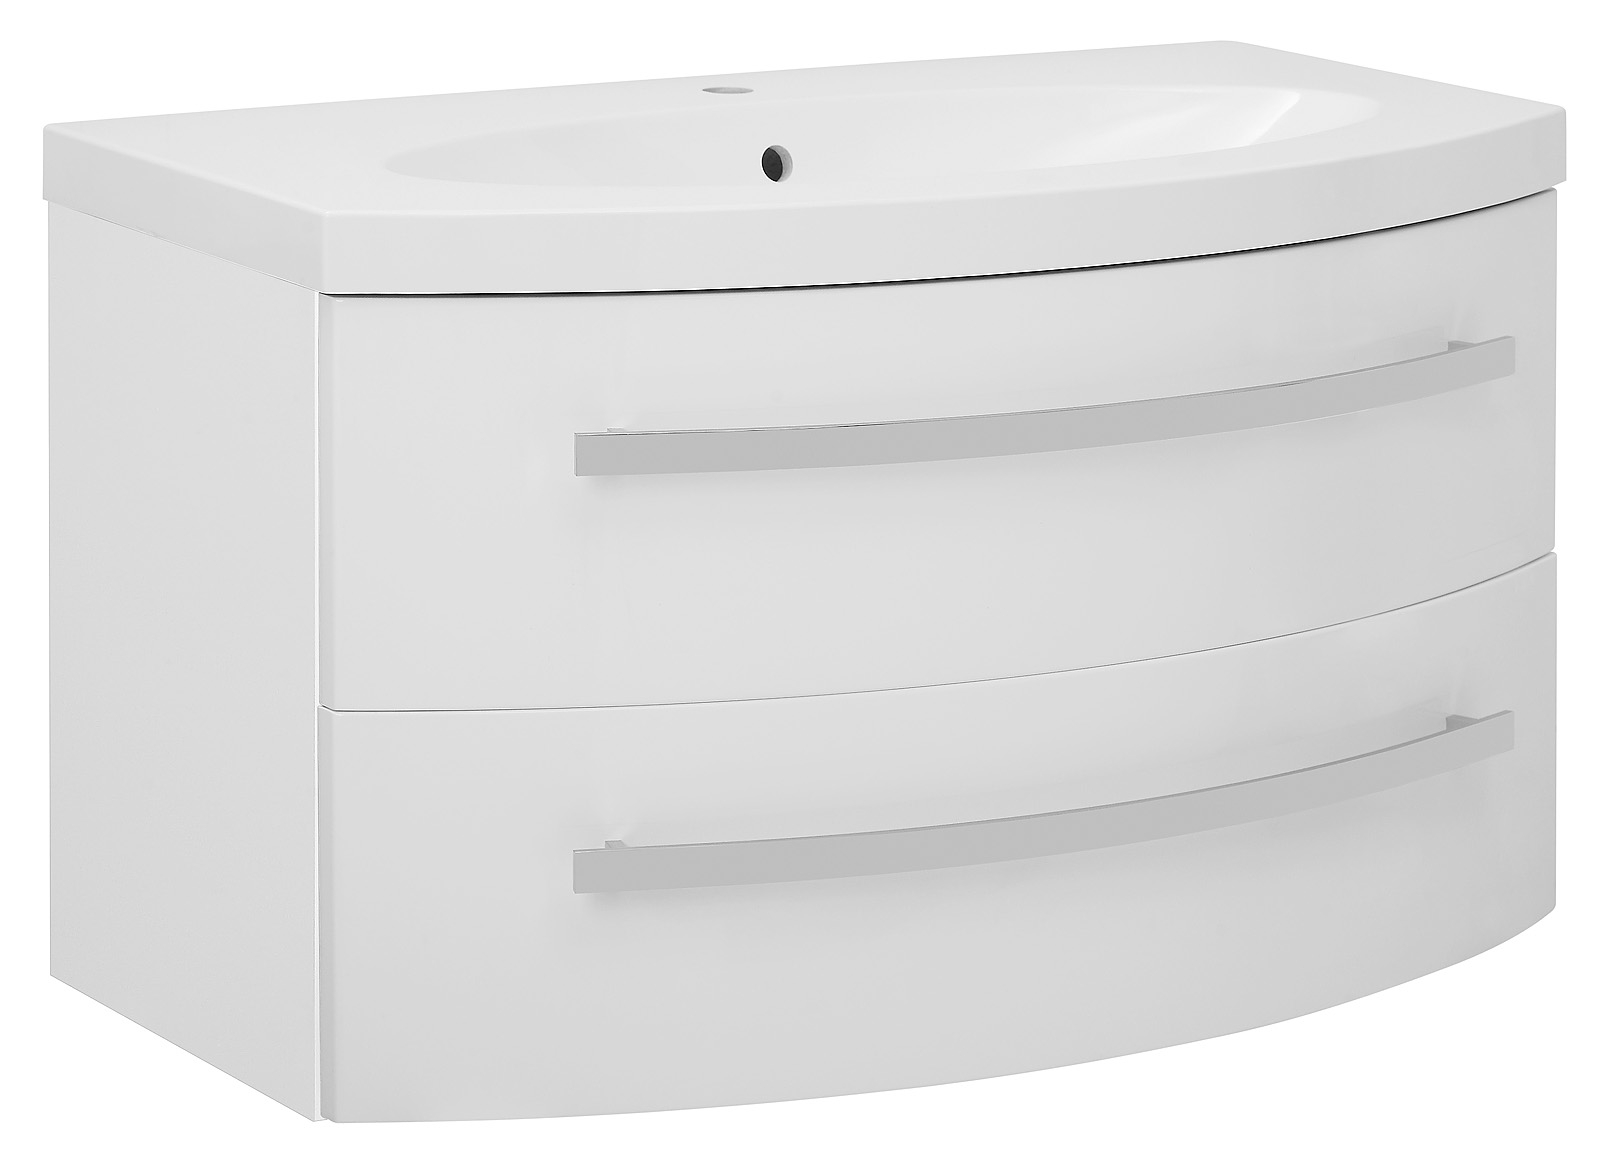 waschbeckenunterschrank carla in wei mit waschbecken unterschrank bad badm bel ebay. Black Bedroom Furniture Sets. Home Design Ideas